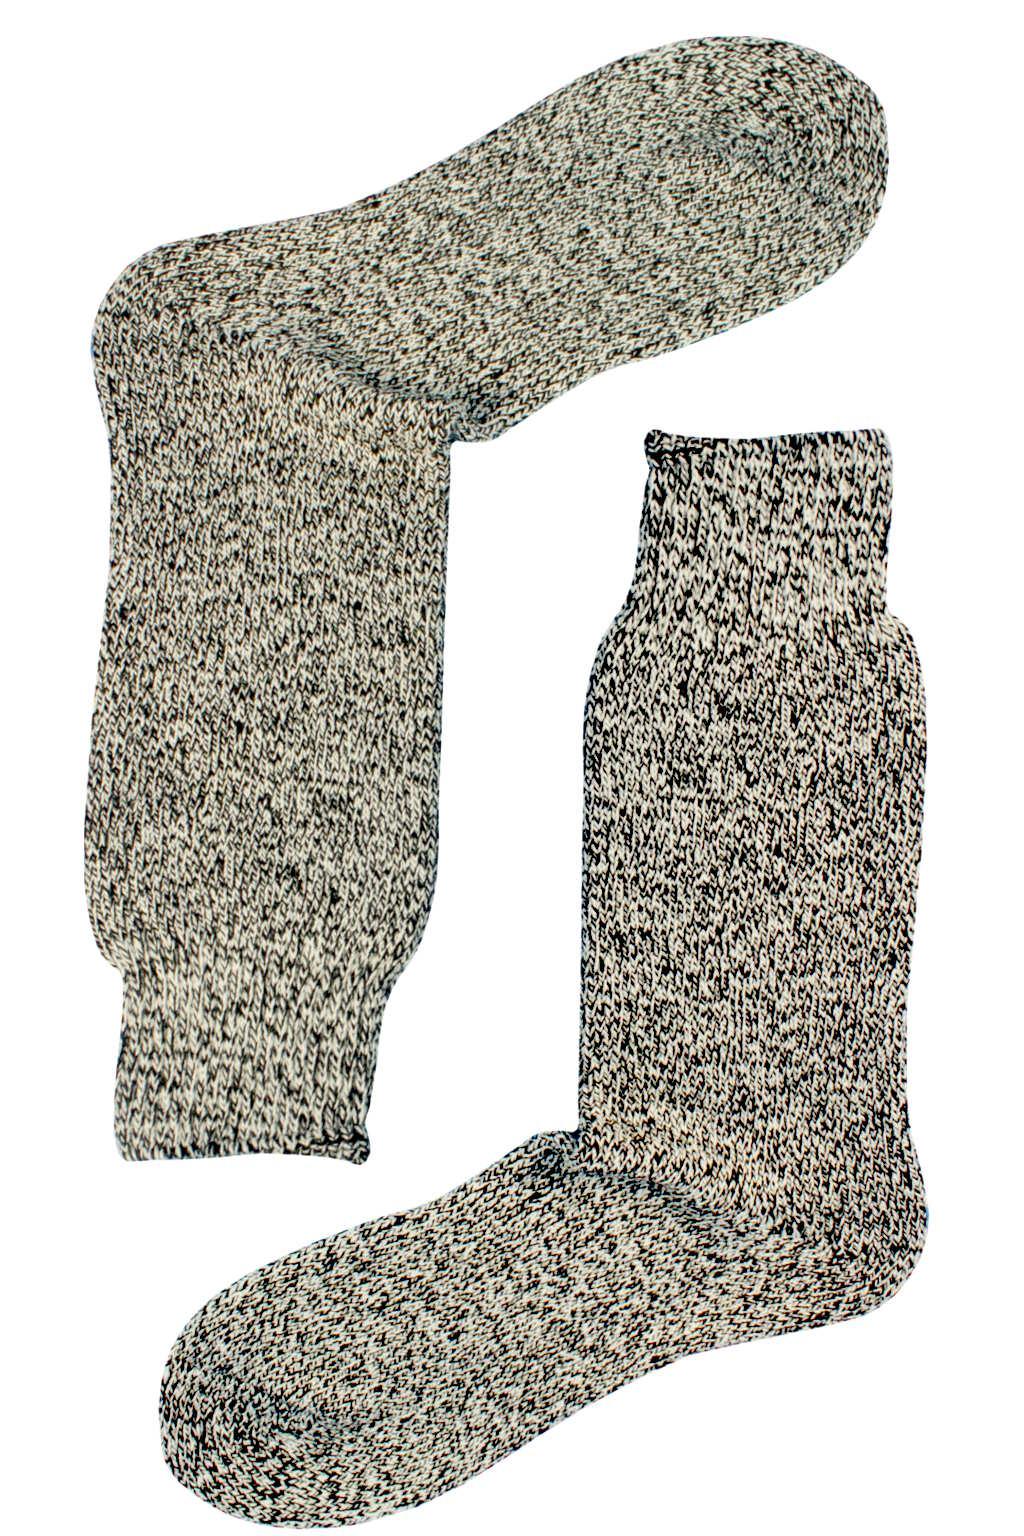 Naturwarm zimní ponožky pletené 39-42 černá